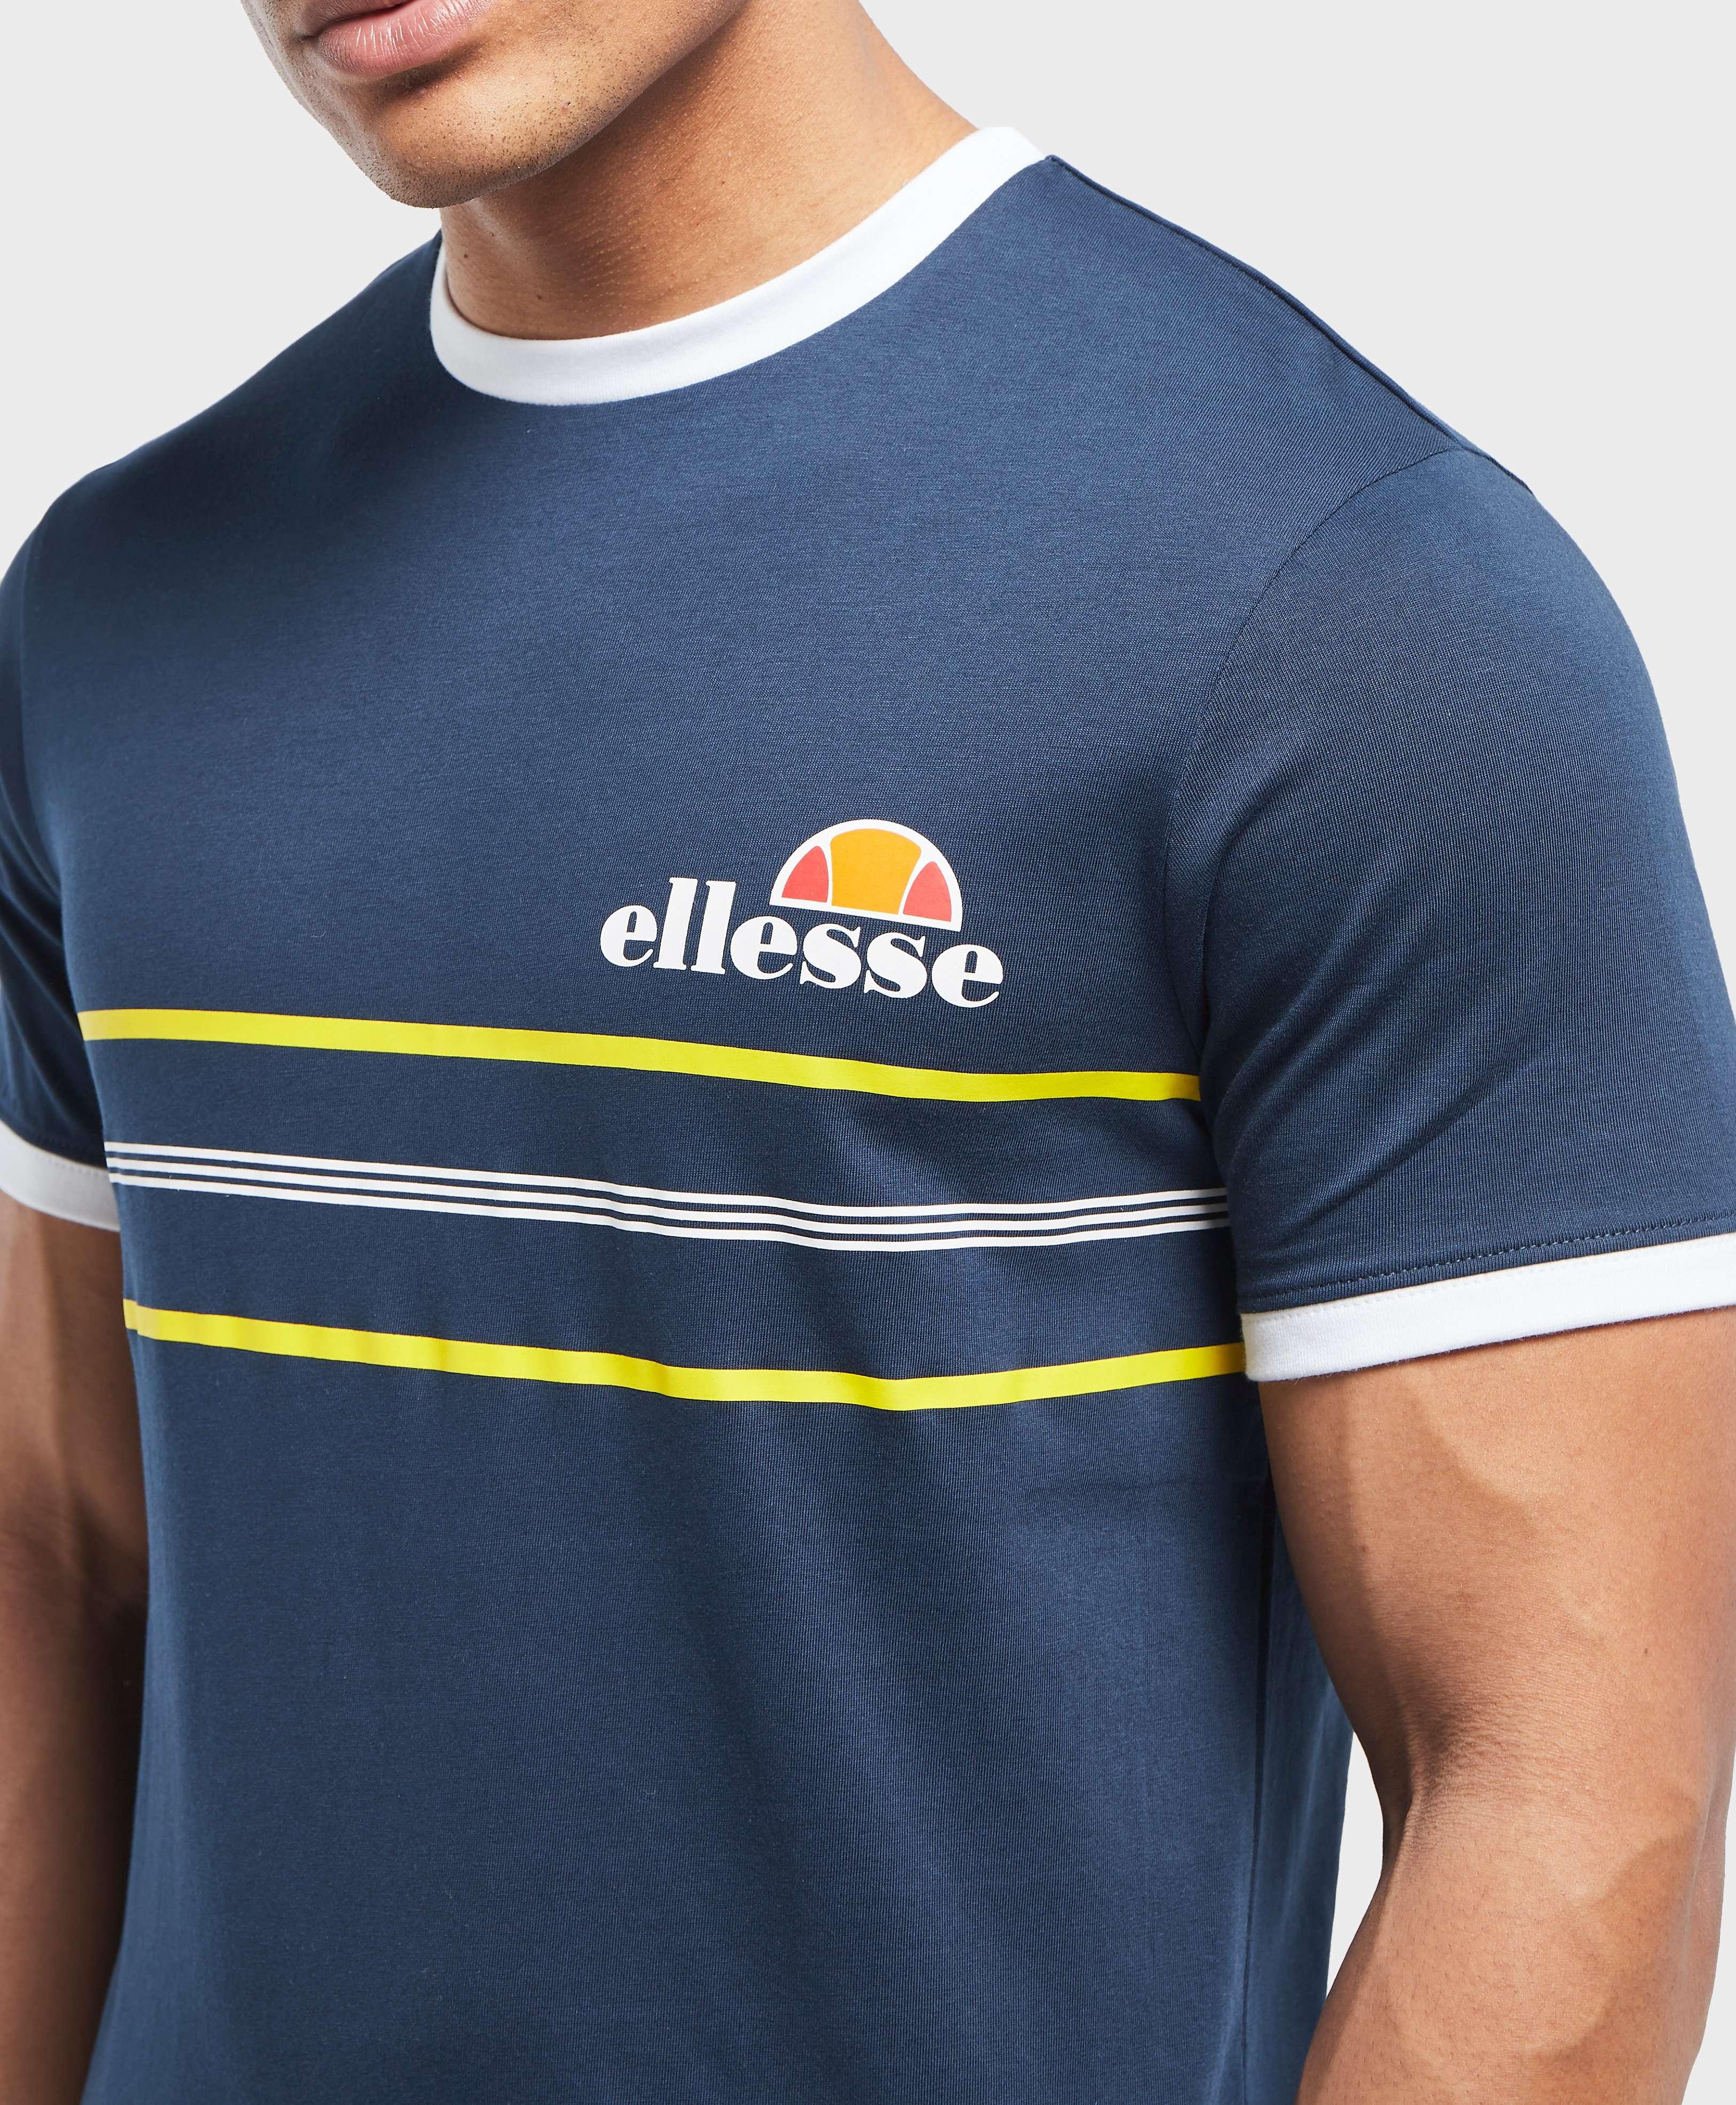 Ellesse Gentario Short Sleeve T-Shirt - Online Exclusive